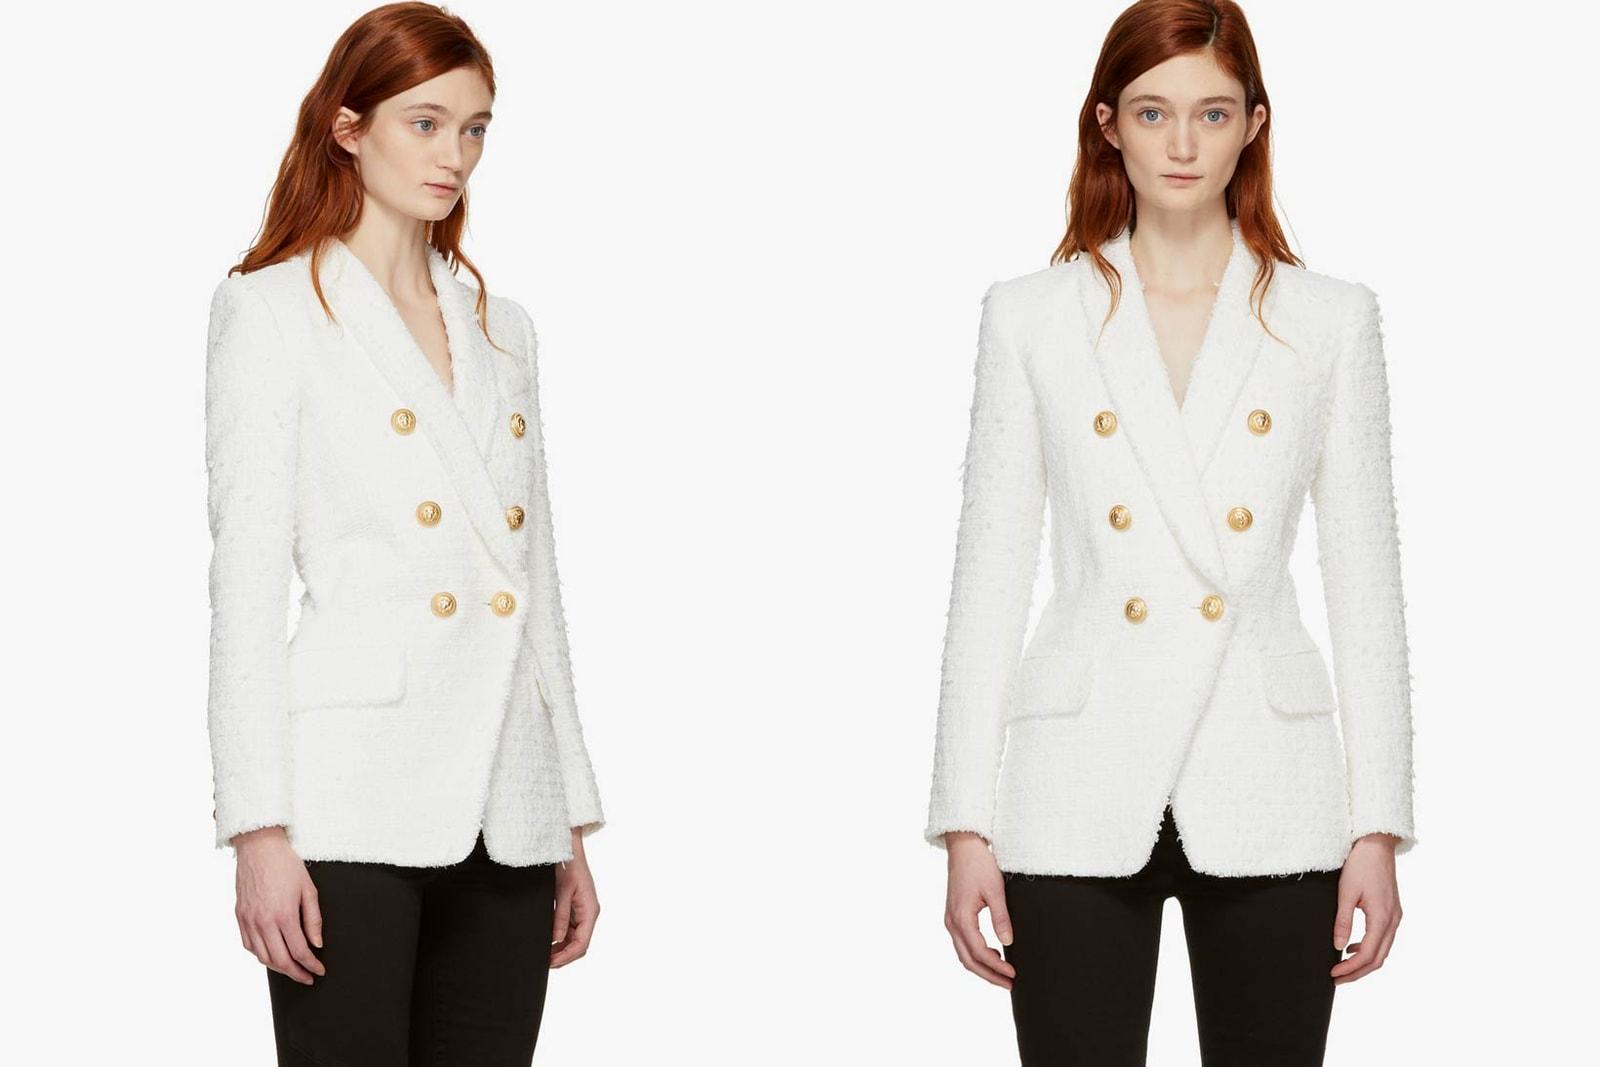 Emily Ratajkowski Zara Wedding Suit Yellow